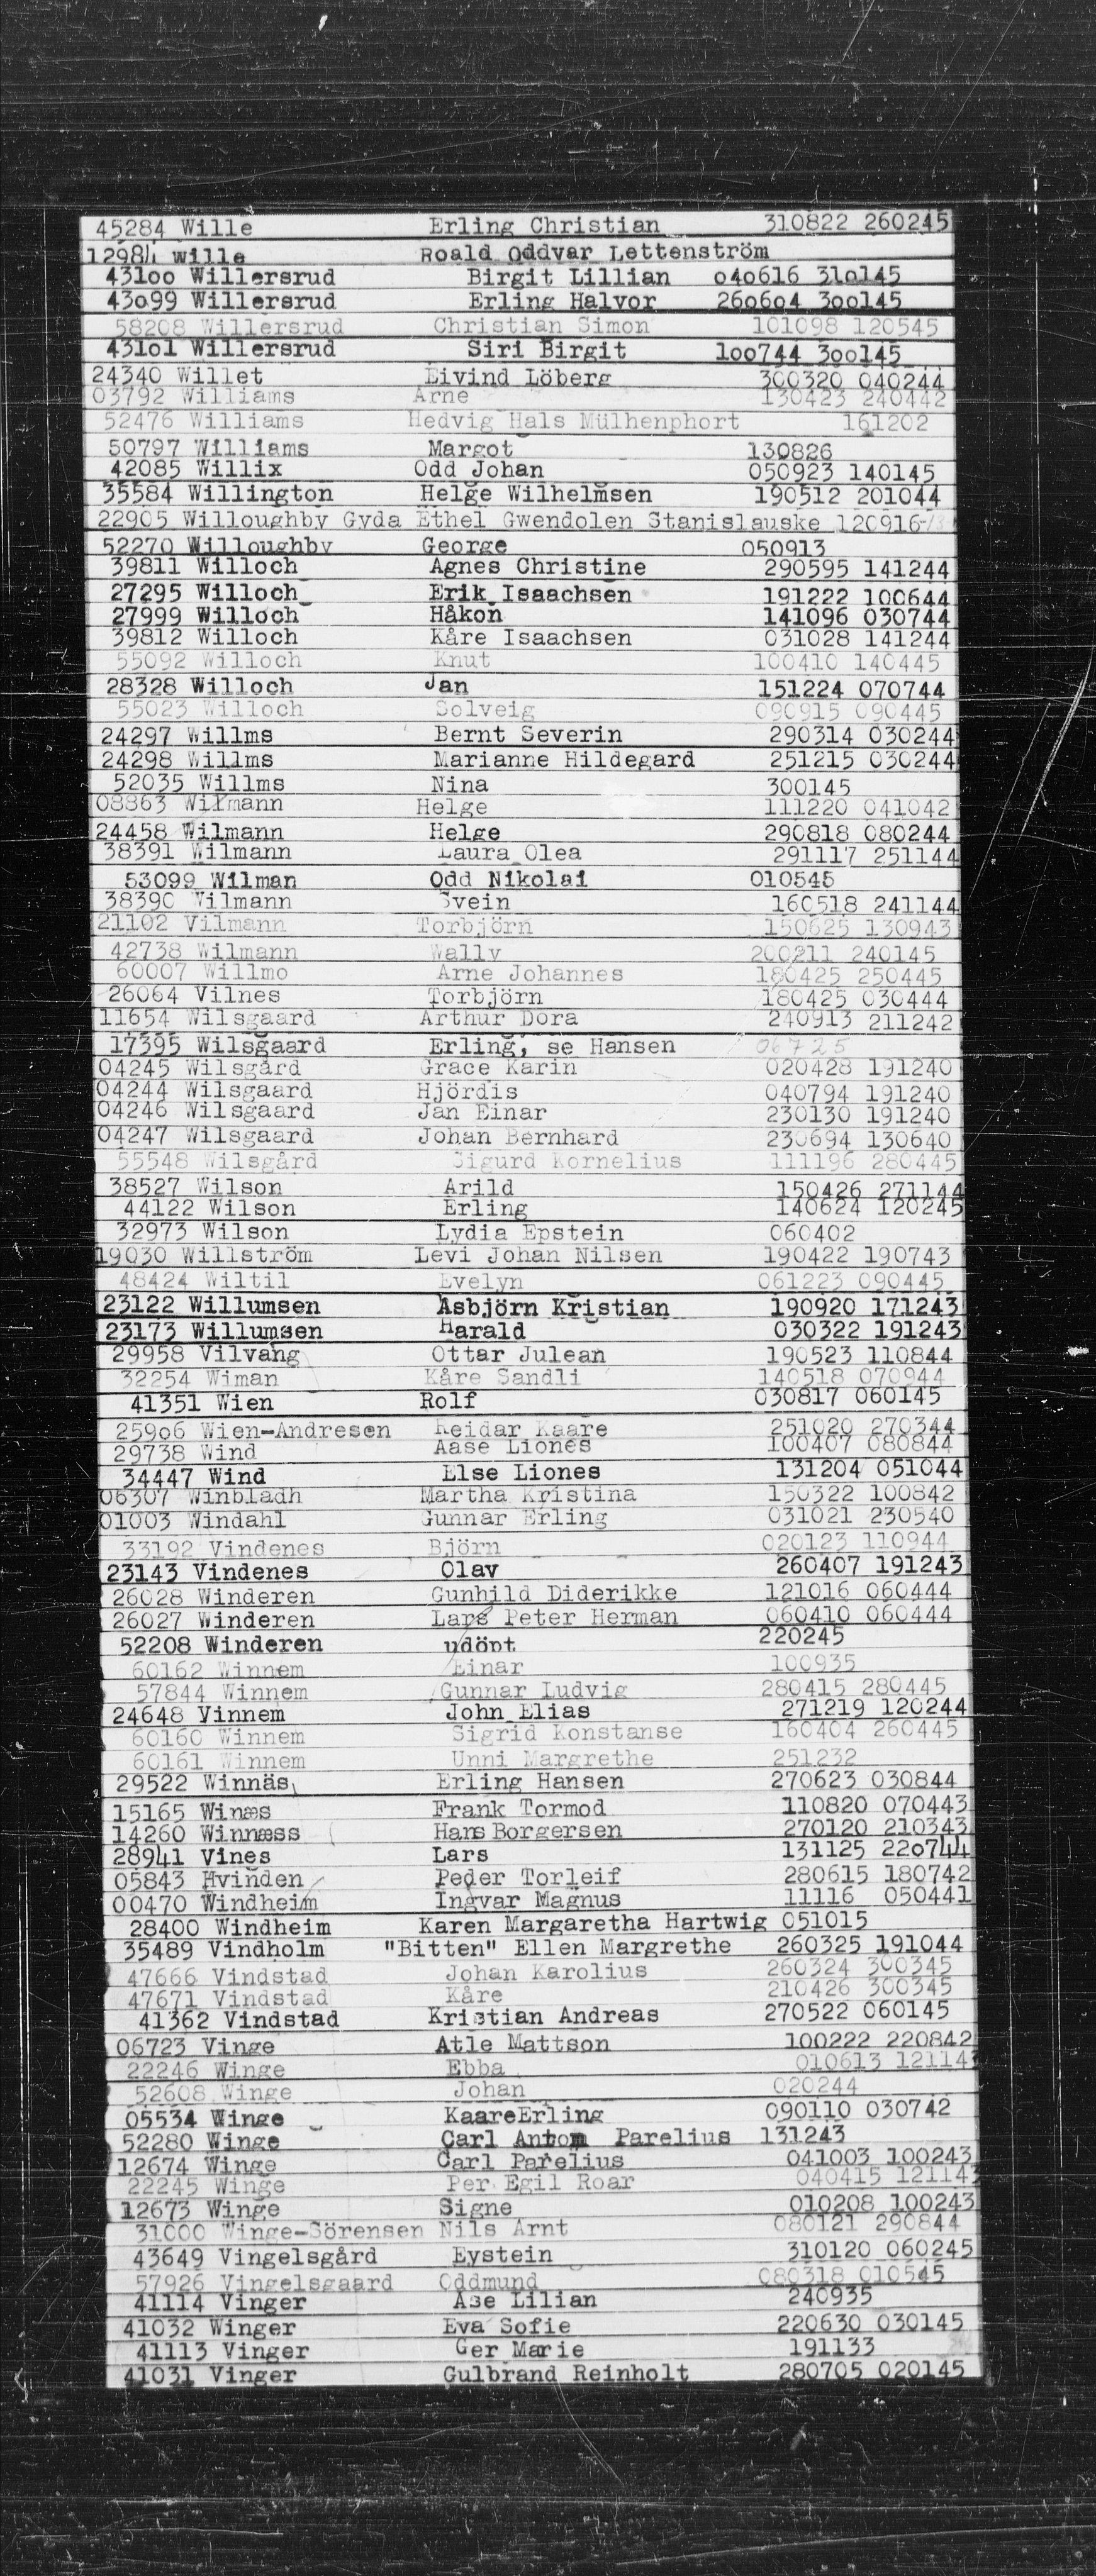 RA, Den Kgl. Norske Legasjons Flyktningskontor, V/Va/L0022: Kjesäterkartoteket.  Alfabetisk register, A-Å., 1940-1945, s. 931